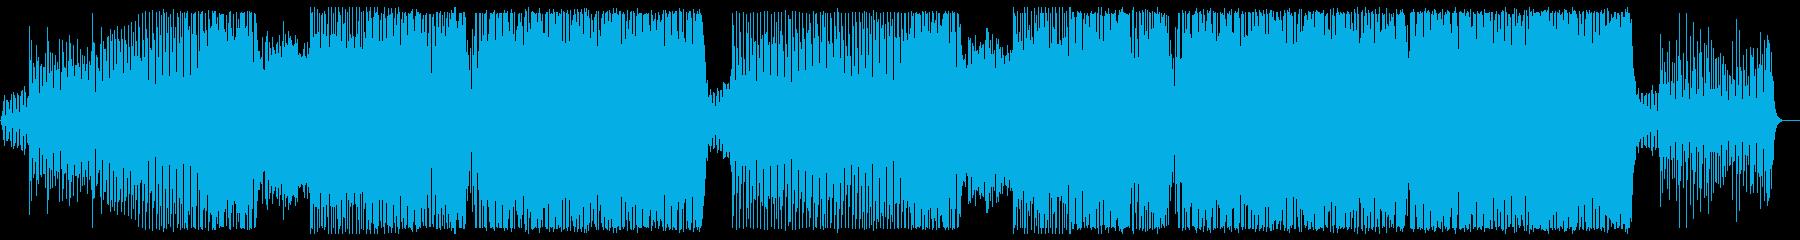 ファンタジックな世界観のアップテンポ曲の再生済みの波形